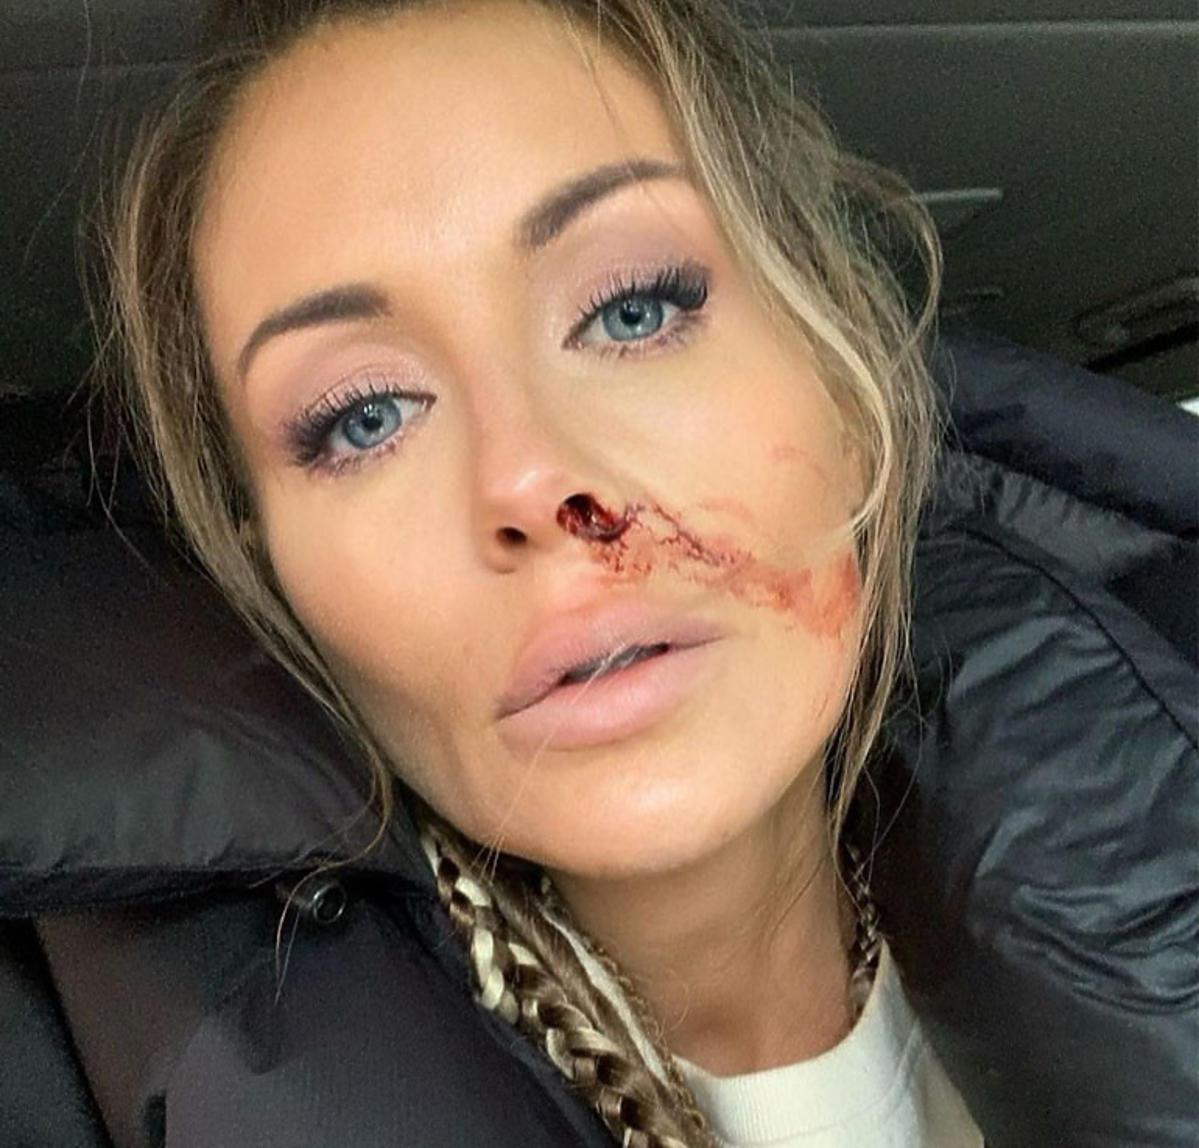 malgorzata rozenek z krwawiącym nosem